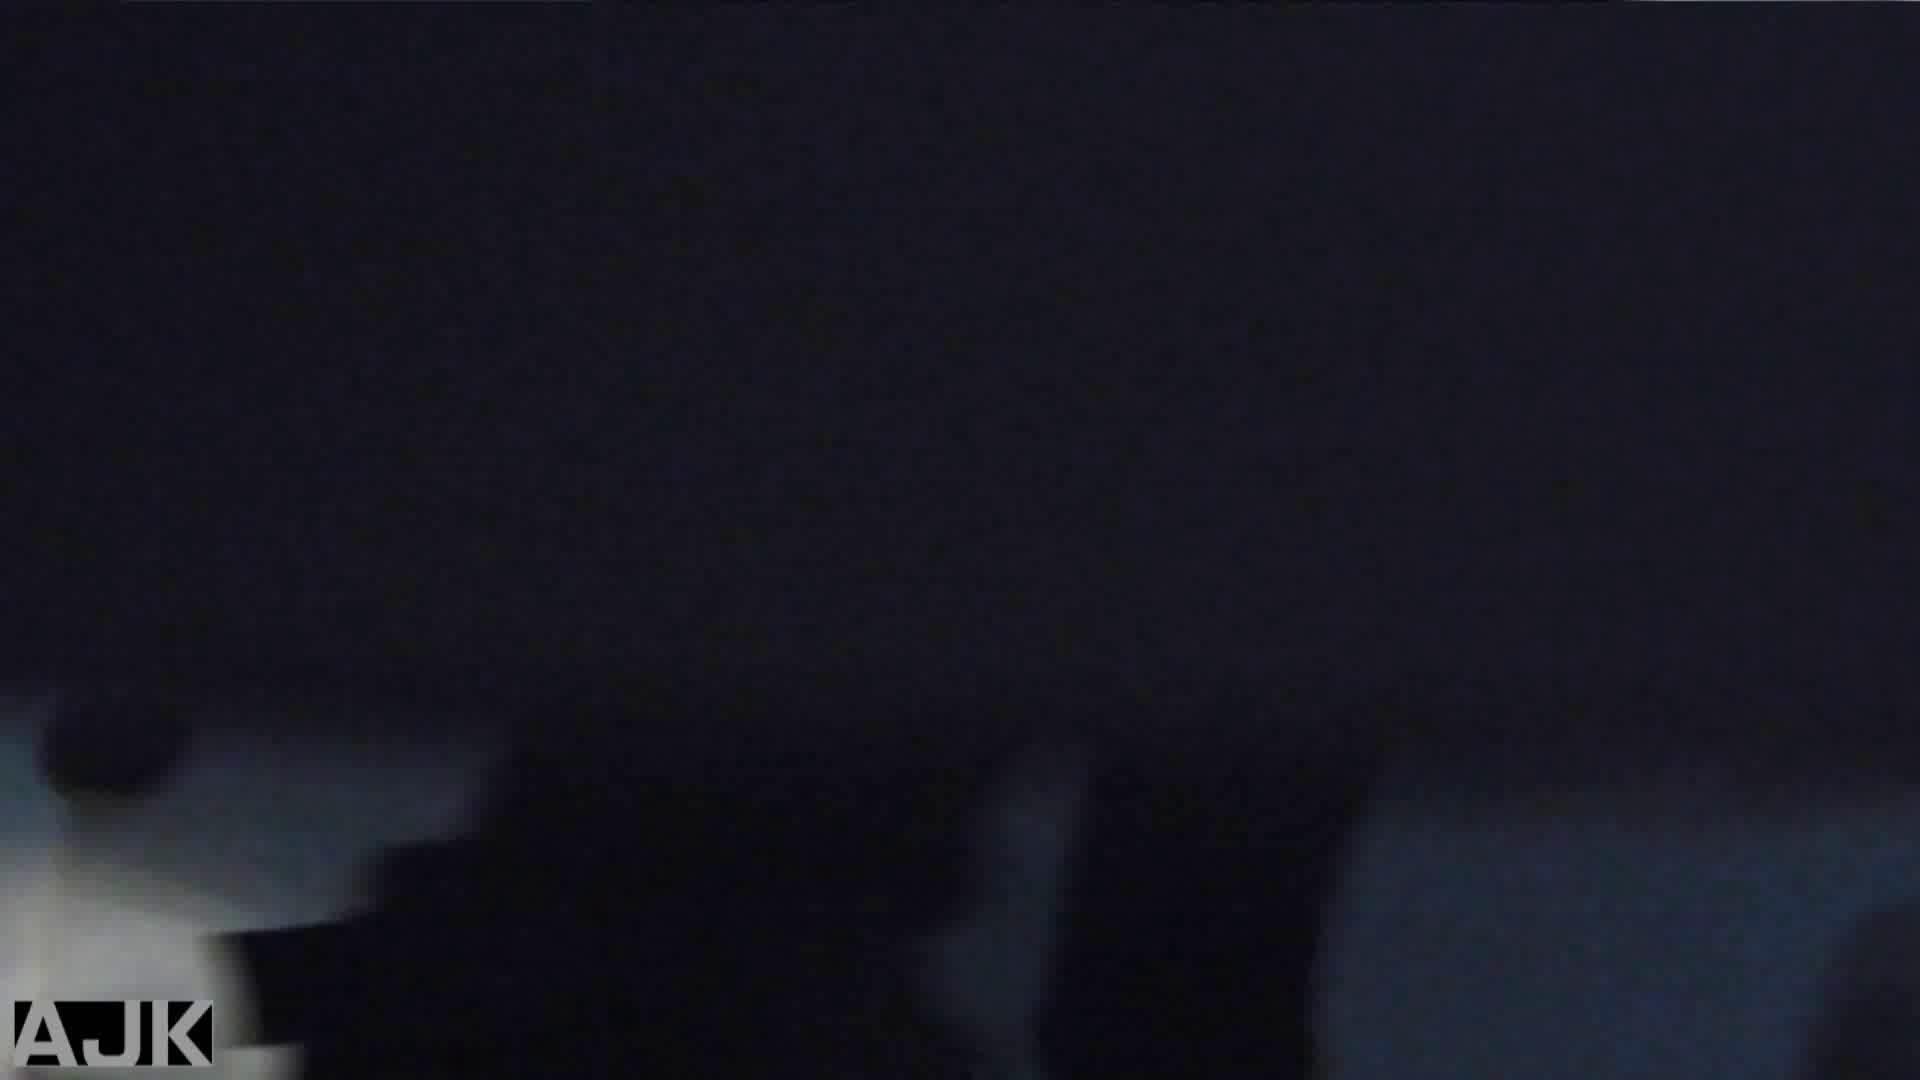 神降臨!史上最強の潜入かわや! vol.05 オマンコ 盗み撮り動画キャプチャ 92連発 19